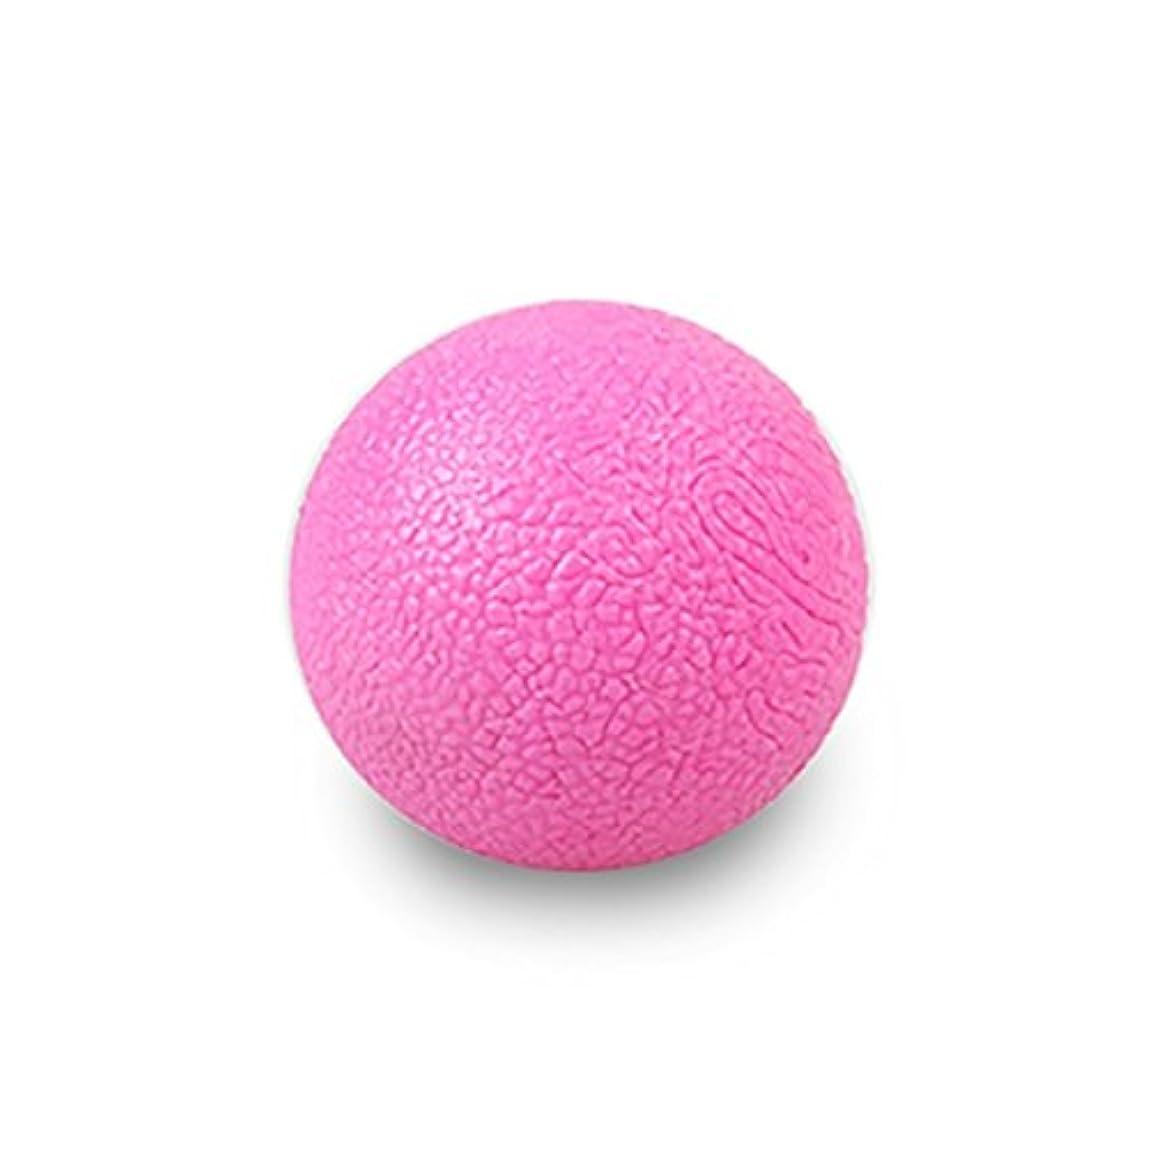 仕出します正確な理論的SHAPE&UP UPnShape ピーナッツ マッサージ ボール(1.8インチ)/ストレッチ、ヨガ、フィットネス リハビリテーション腰痛首 (ブルー)